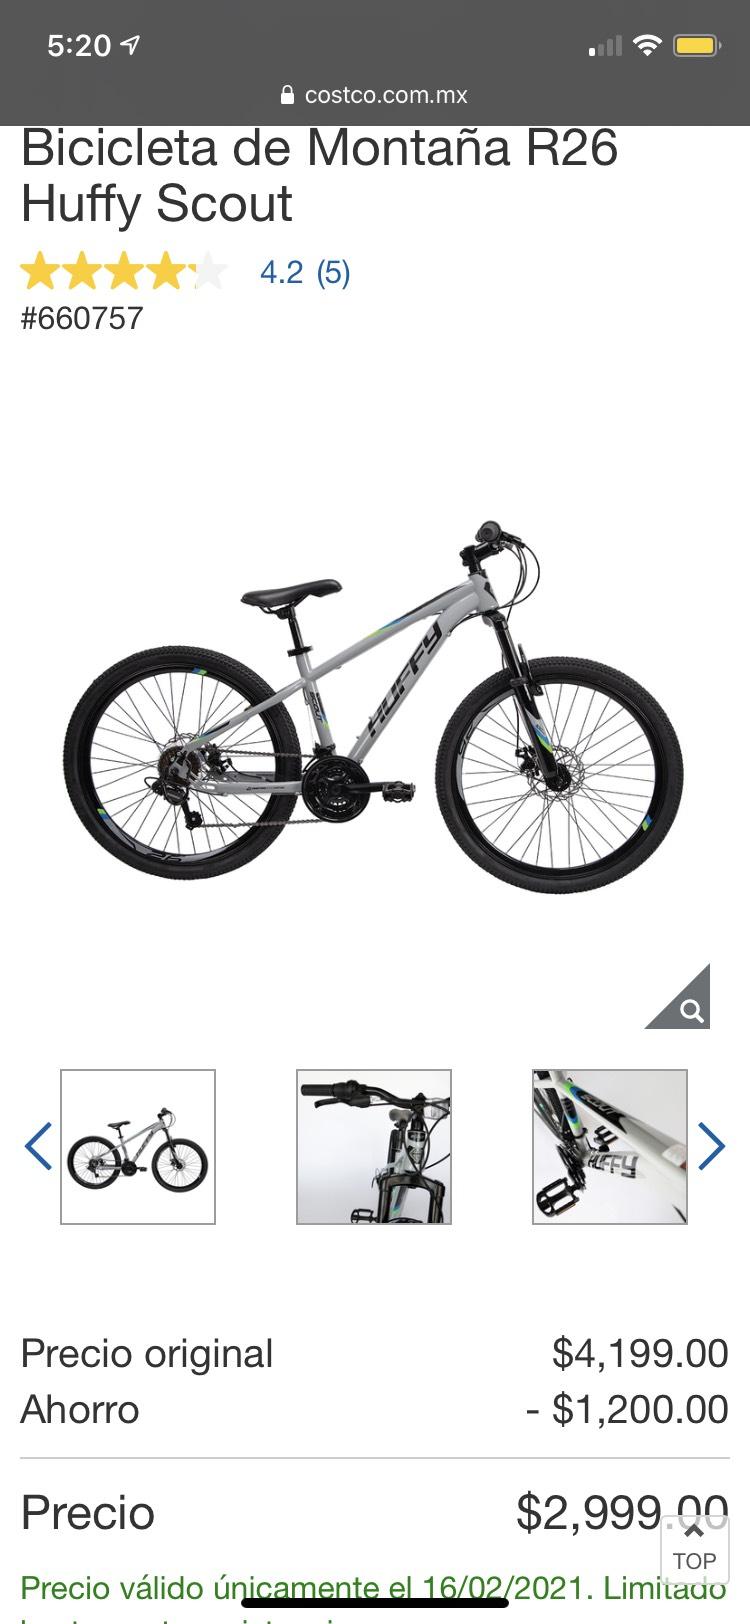 Costco, Bicicleta de Montaña R26 Huffy Scout